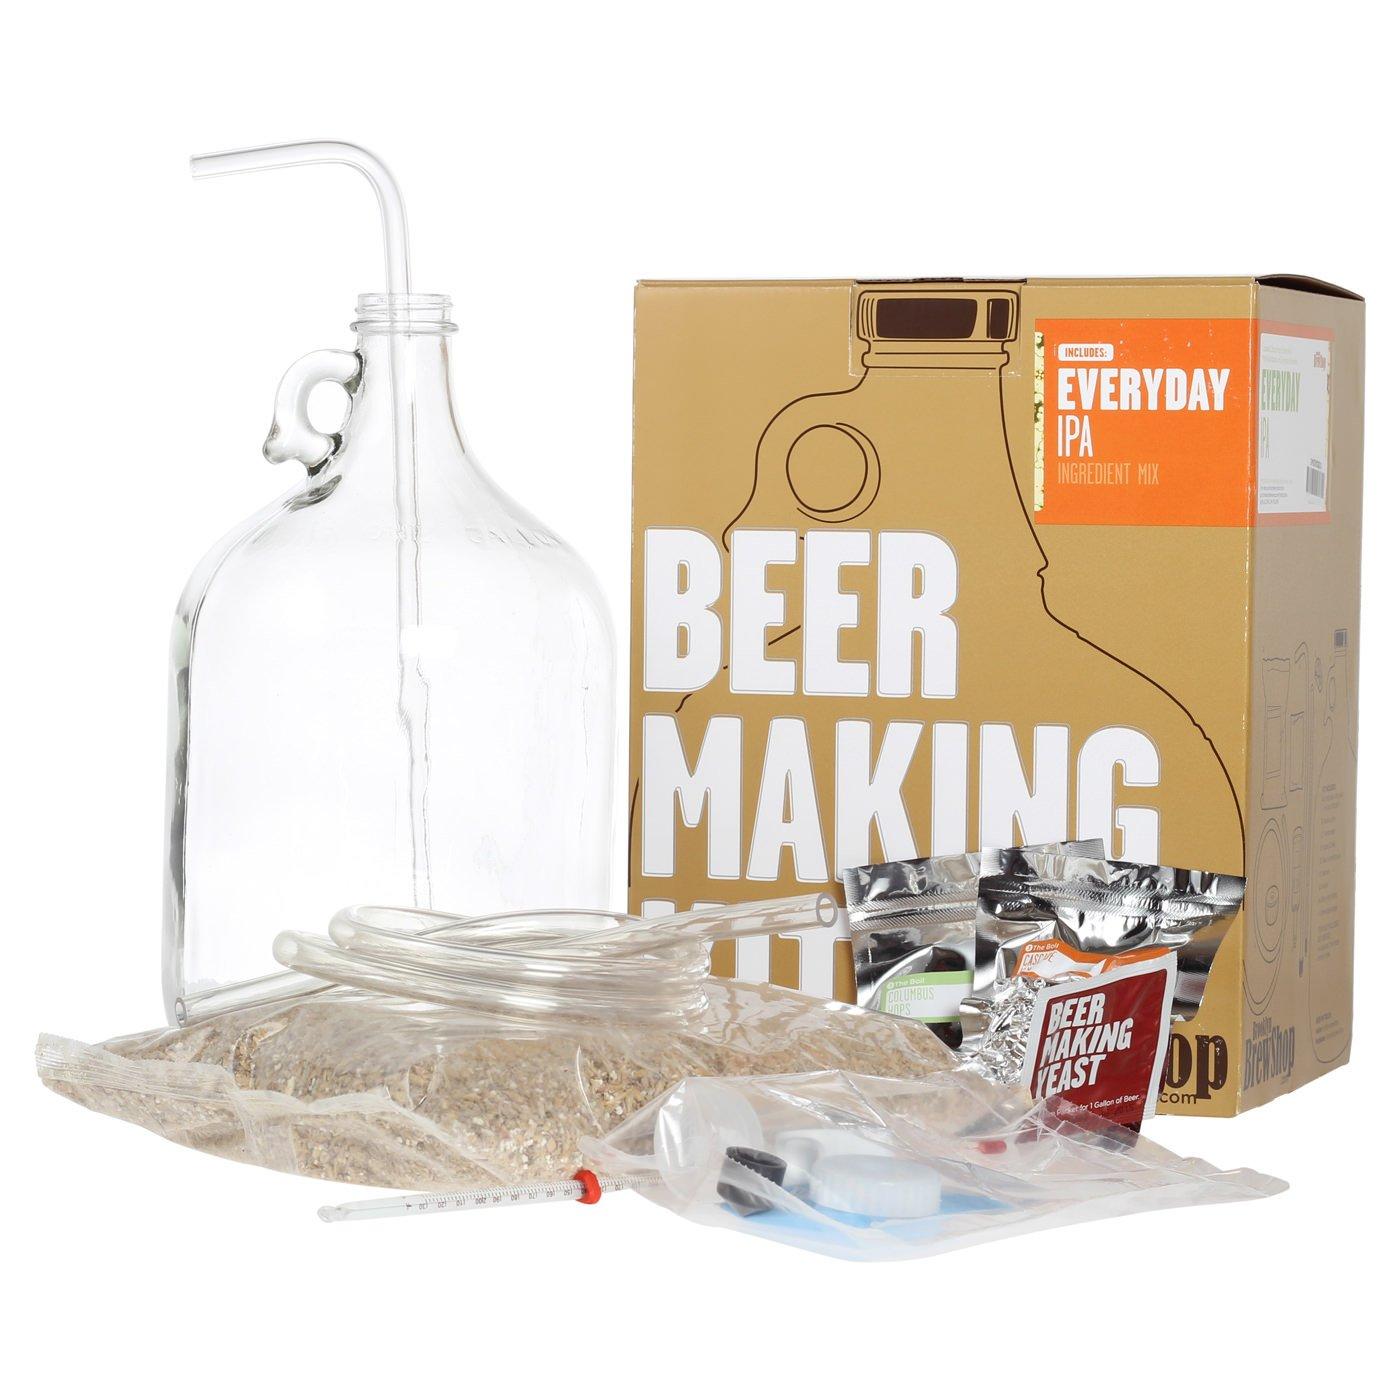 Beer Making Kit by Brooklyn Brew